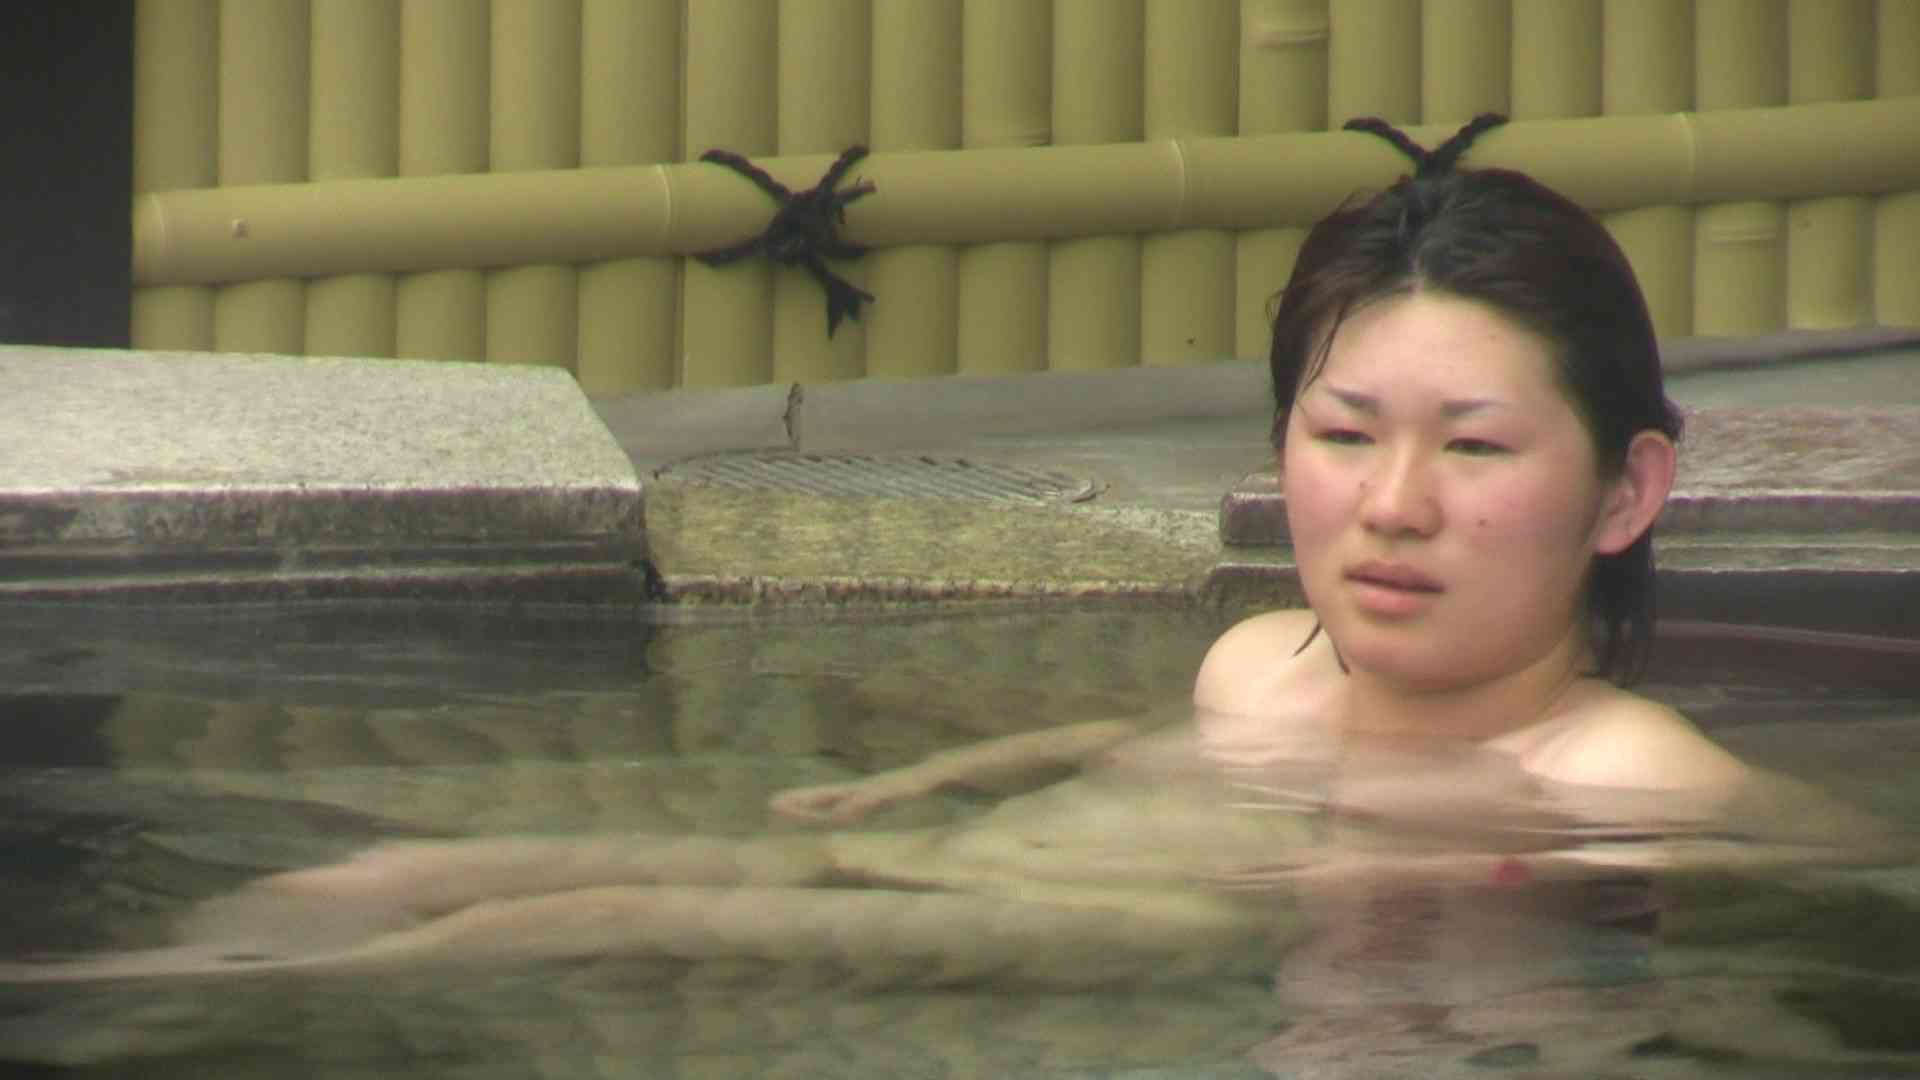 Aquaな露天風呂Vol.673 美しいOLの裸体   盗撮師作品  99pic 73